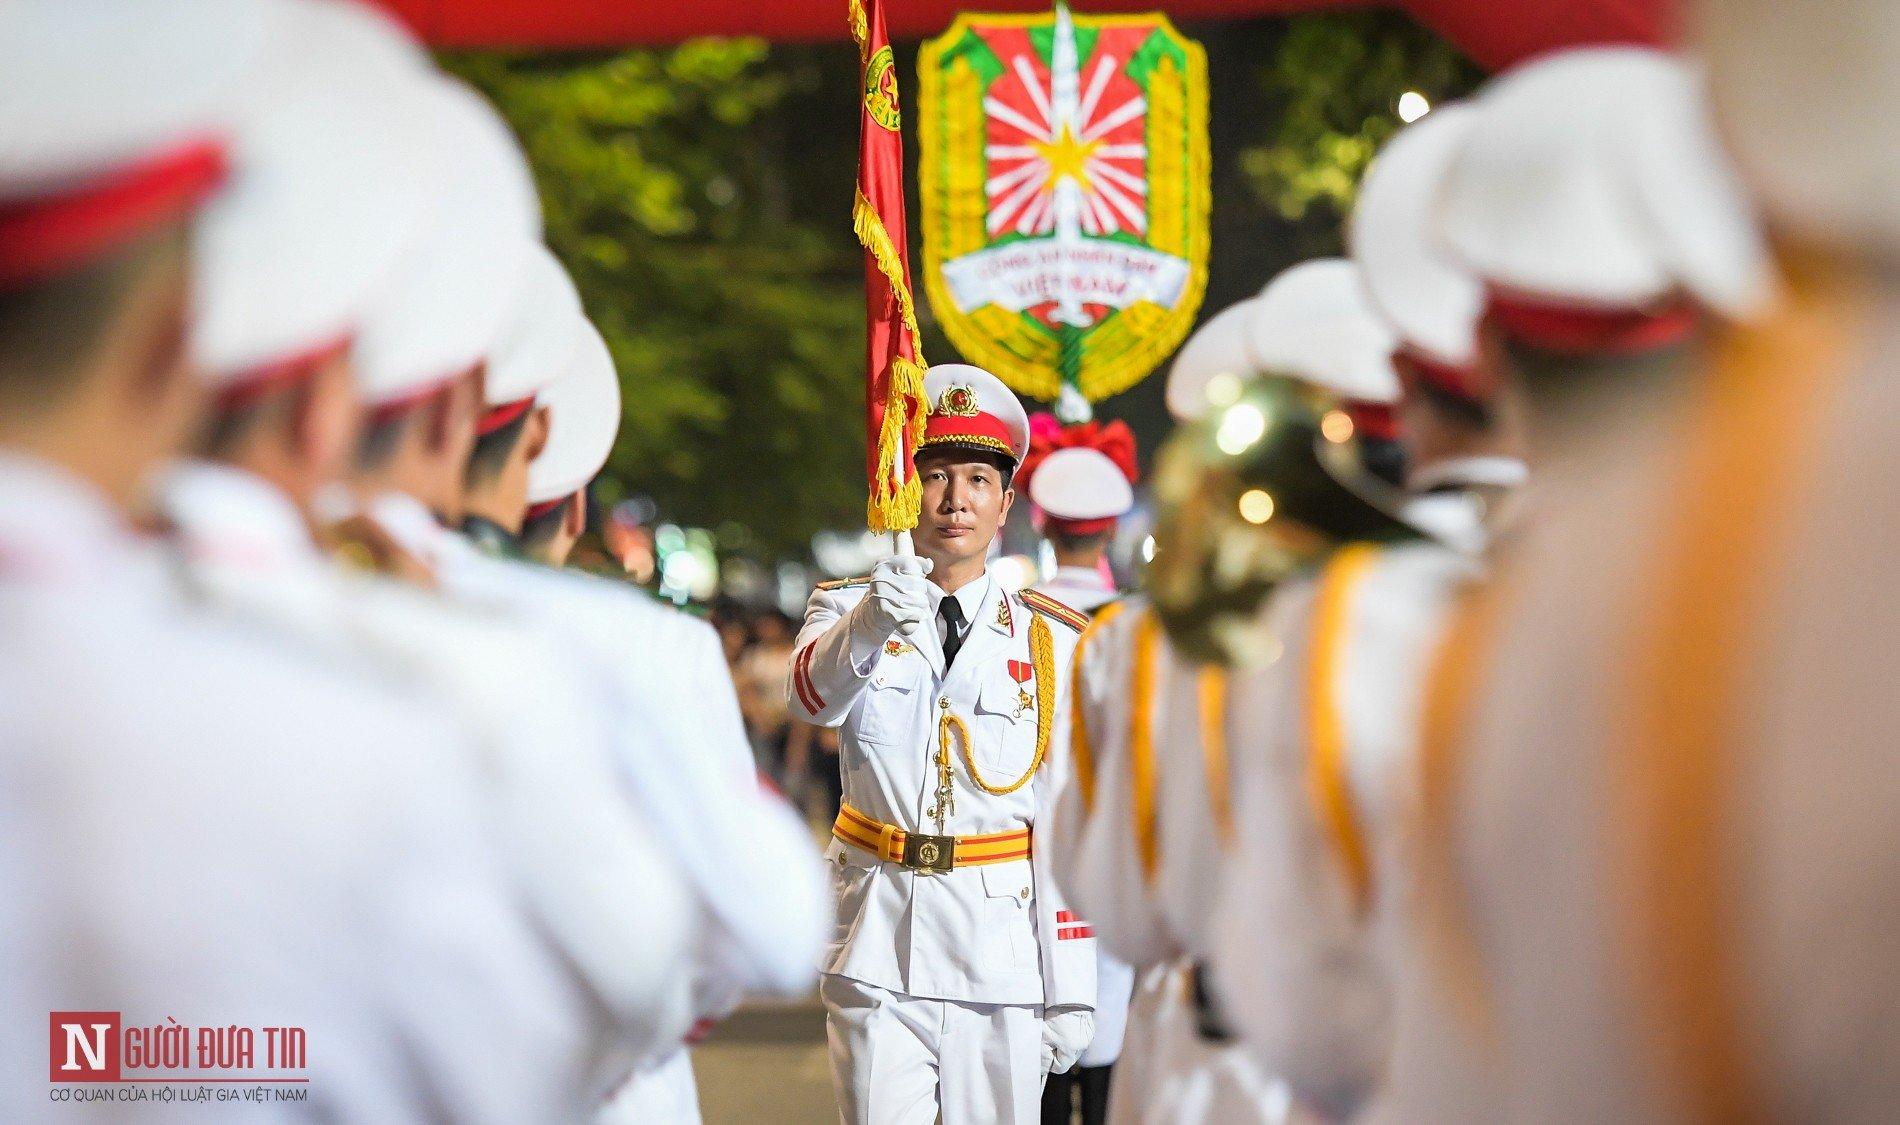 Đoàn nghi lễ Công an Nhân dân lần đầu tiên diểu diễn tại phố đi bộ hồ Hoàn Kiếm 7